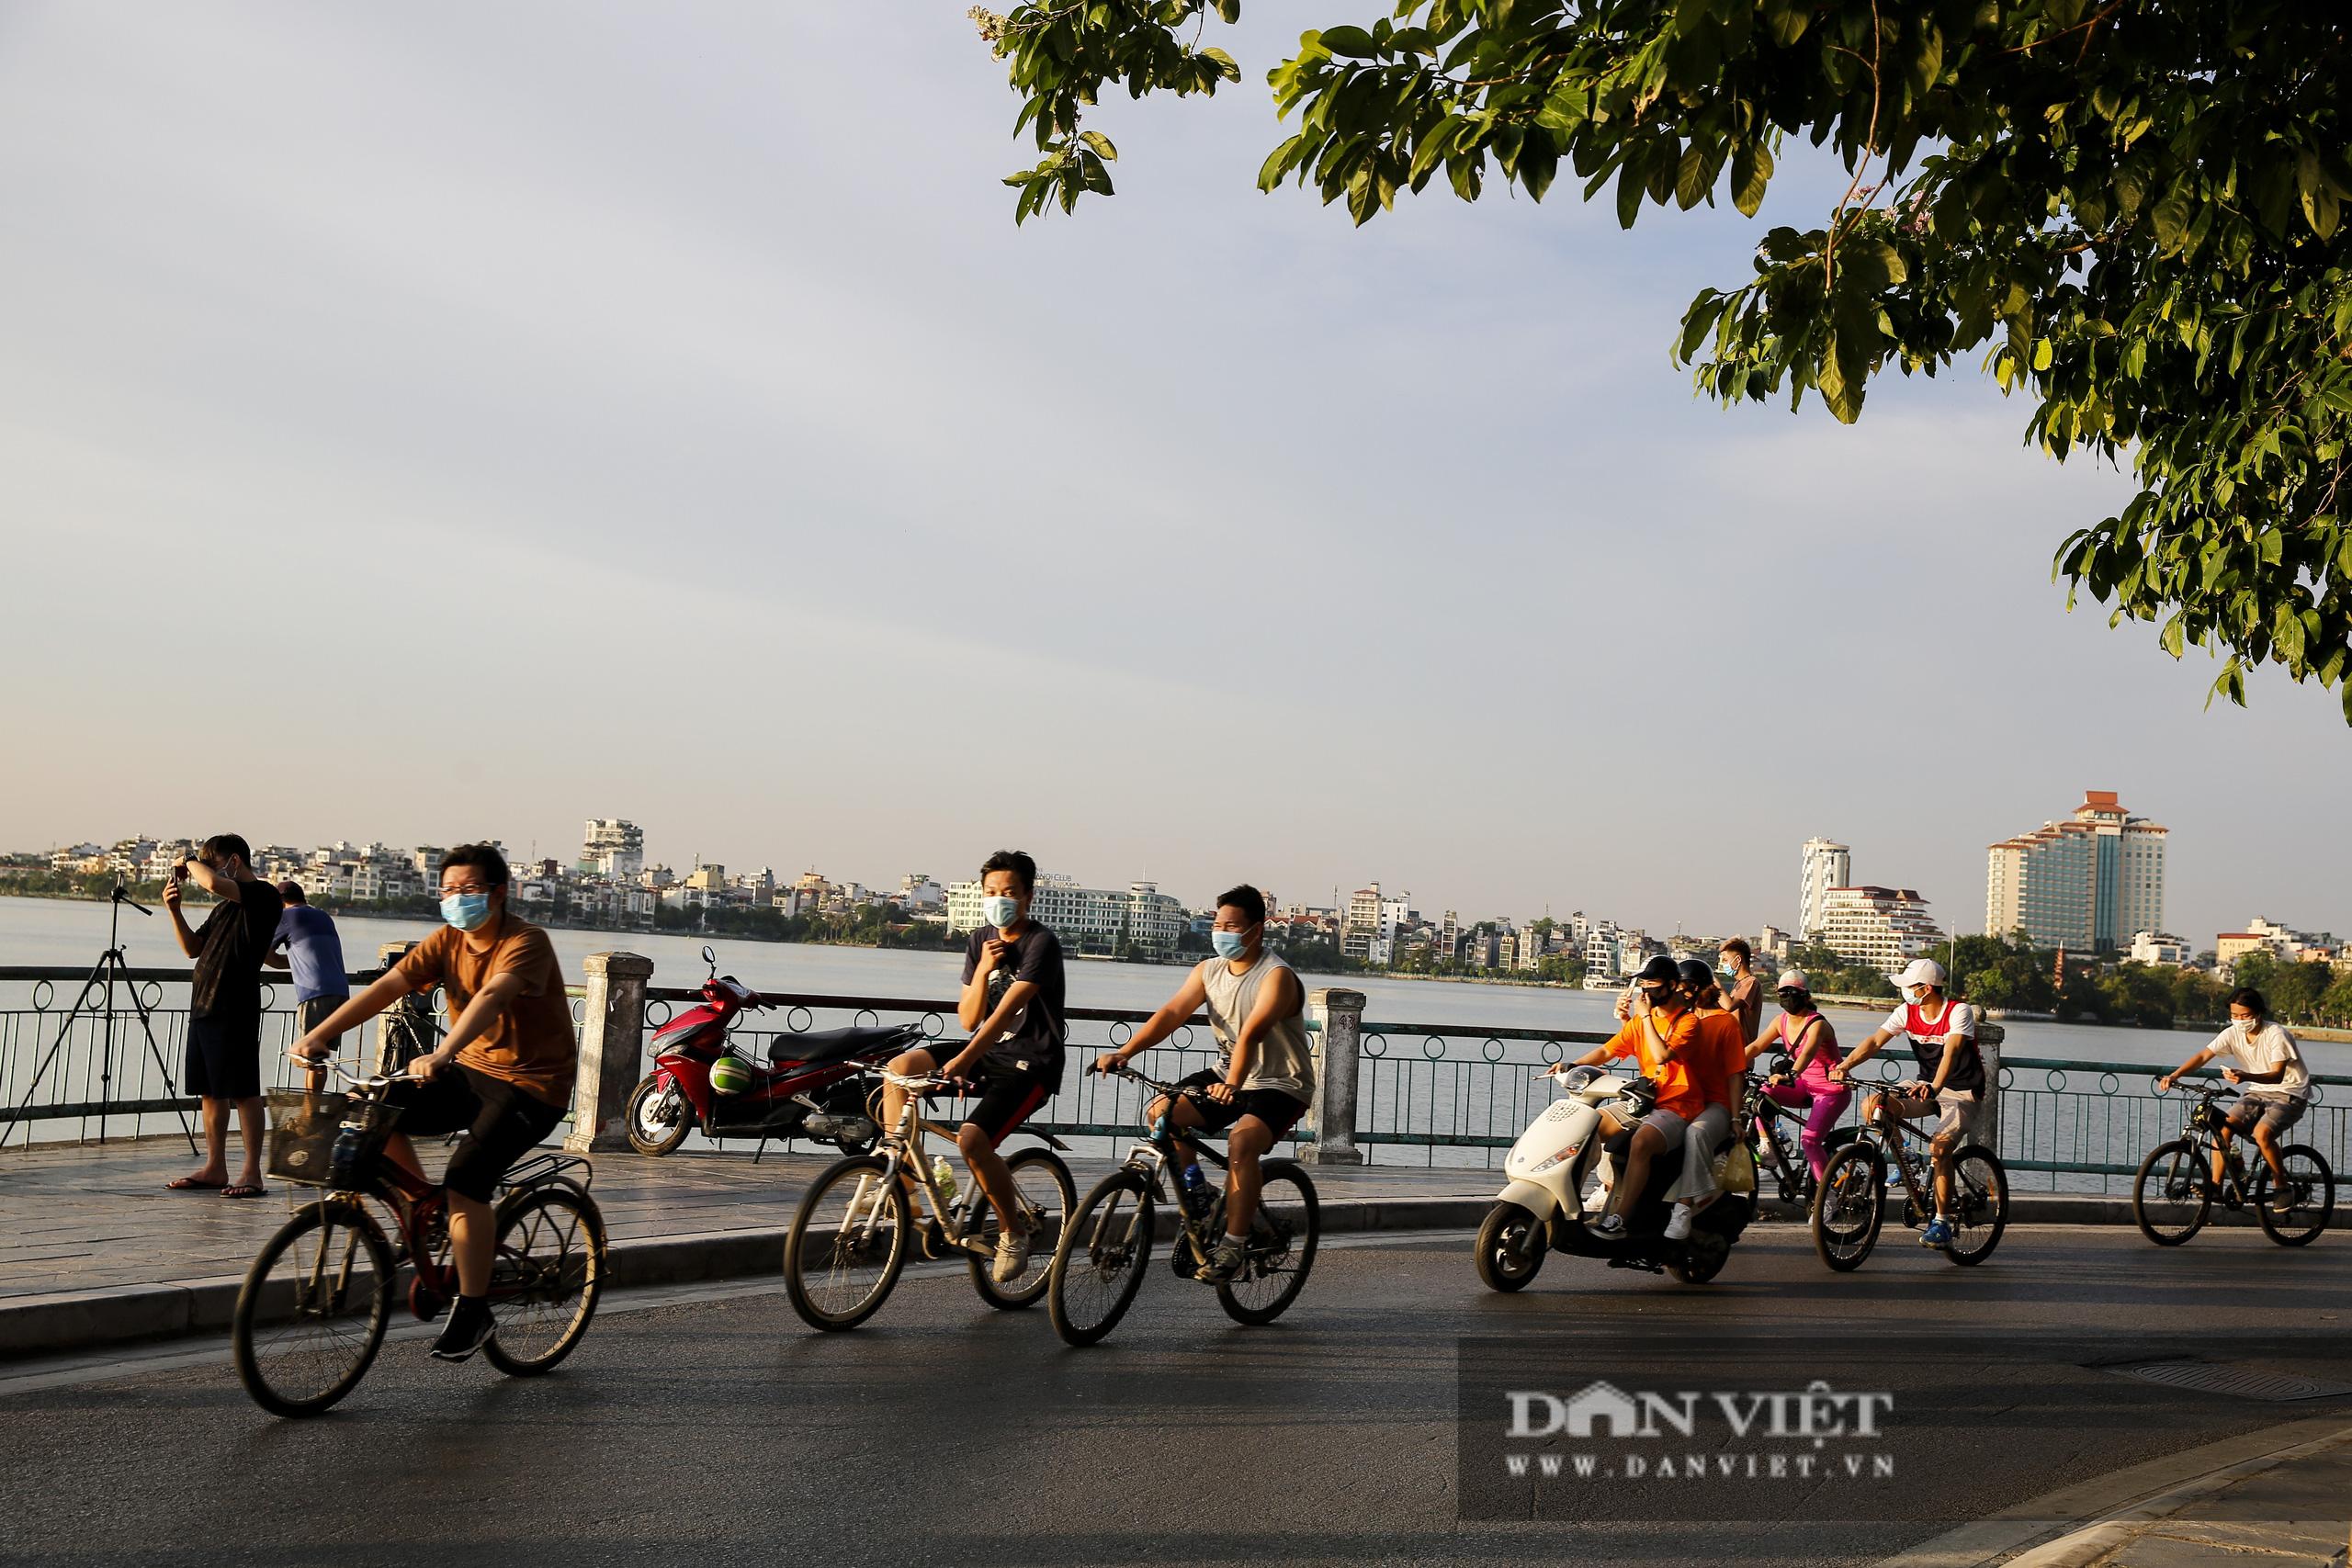 Công an lập chốt chặn, hồ Tây vẫn đông nghịt người đạp xe, tập thể dục - Ảnh 1.